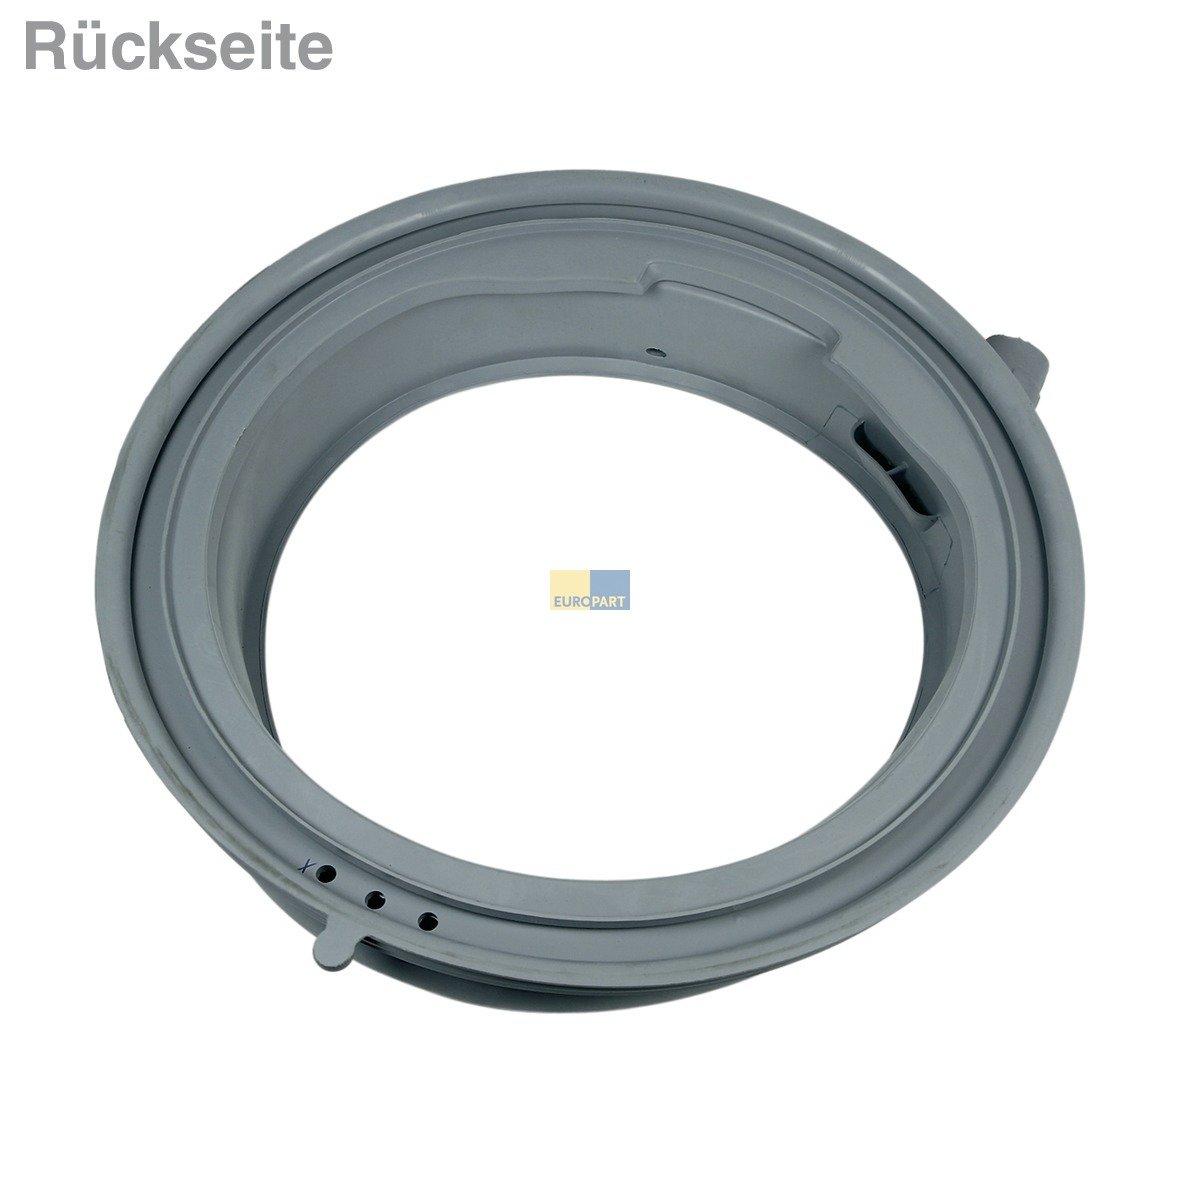 ersetzt 681210 T/ürdichtung T/ürmanschette Manschette passend f/ür Waschmaschine Bosch Siemens 00772655 772655